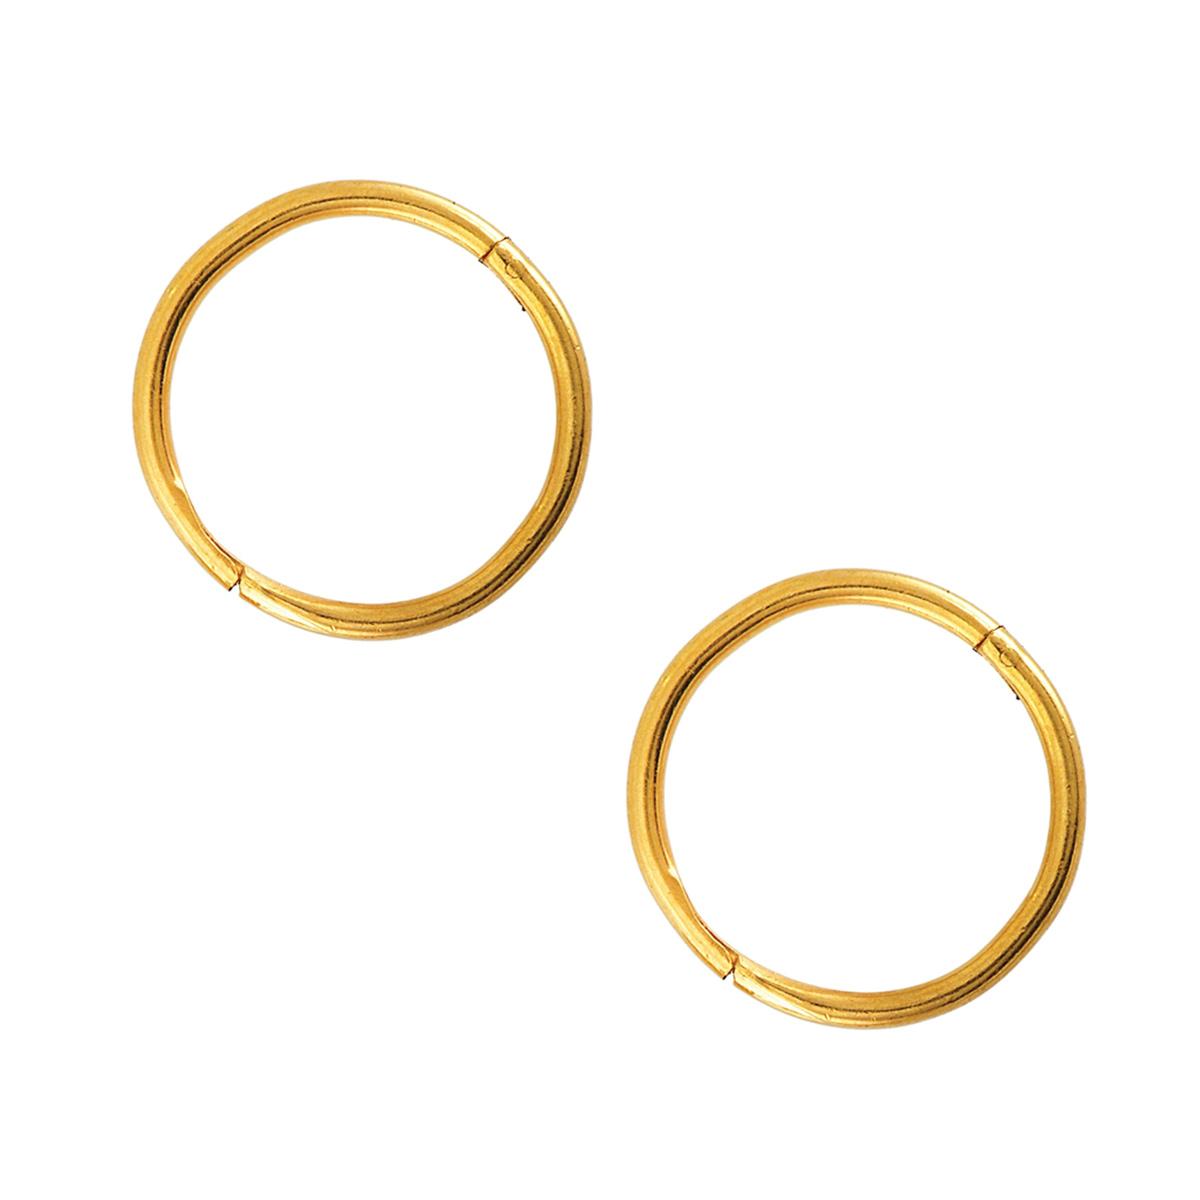 studex-sensitive-gold-hoops-14